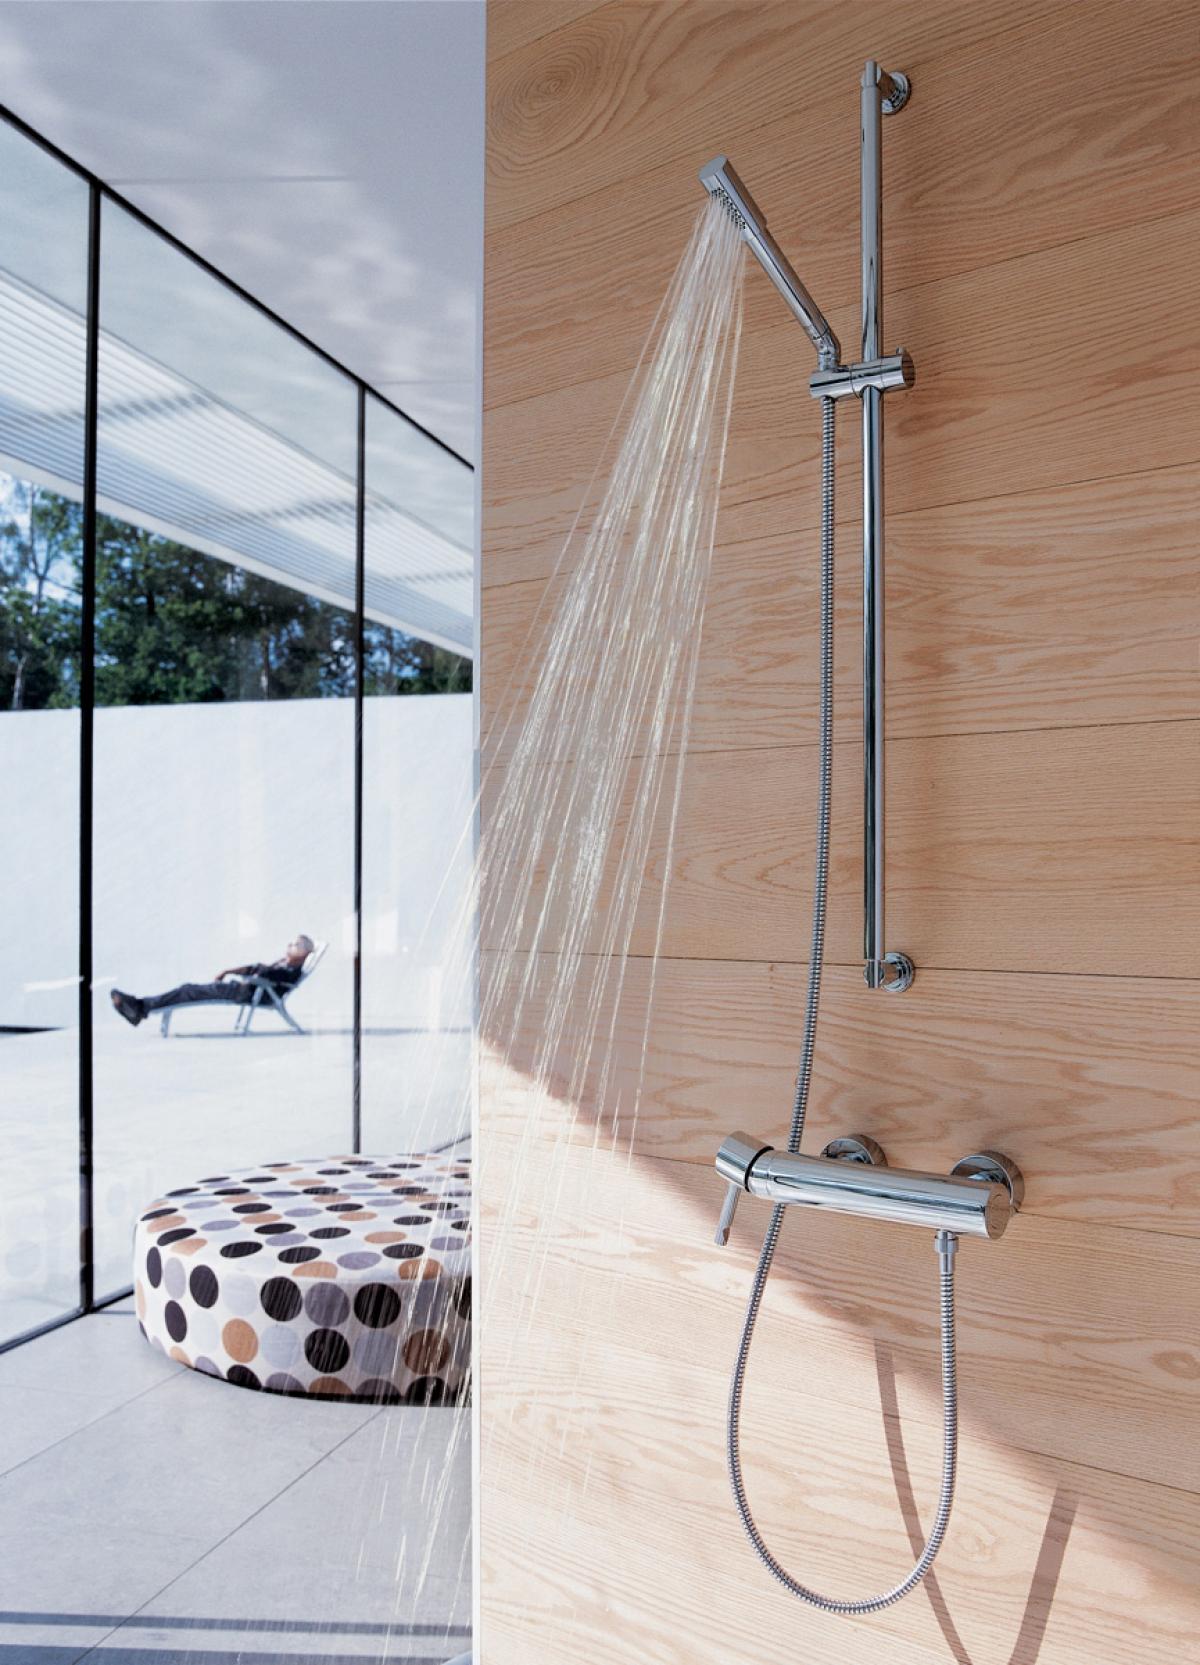 Robinetterie de douche senastick grohe induscabel salle de bains chauffage et cuisine - Robinetterie grohe douche ...